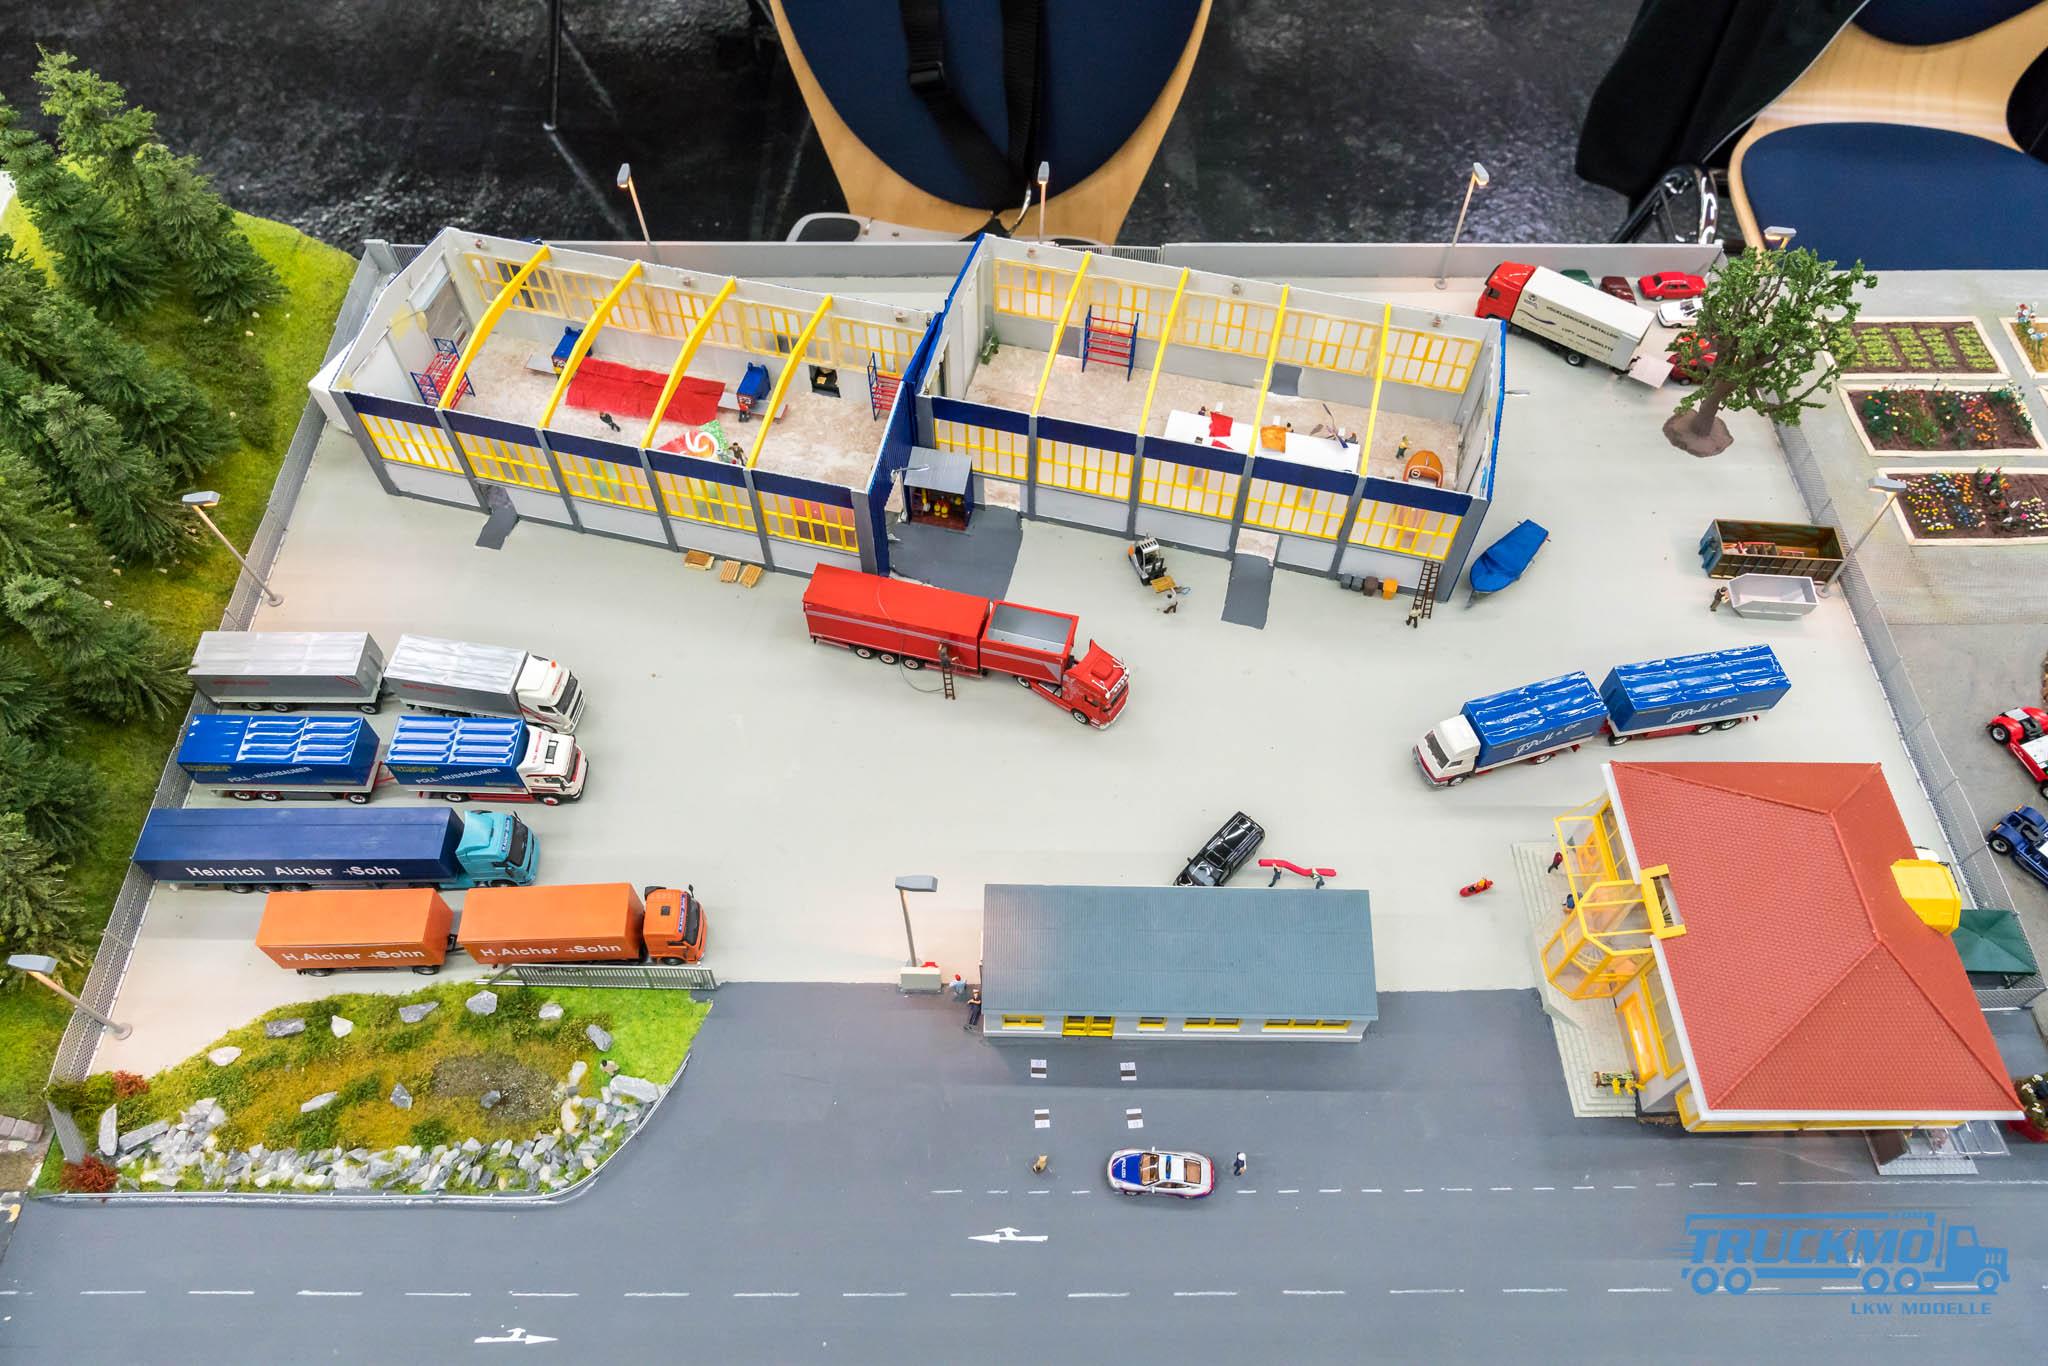 Truckmo_Modellbau_Ried_2017_Herpa_Messe_Modellbauausstellung (265 von 1177)